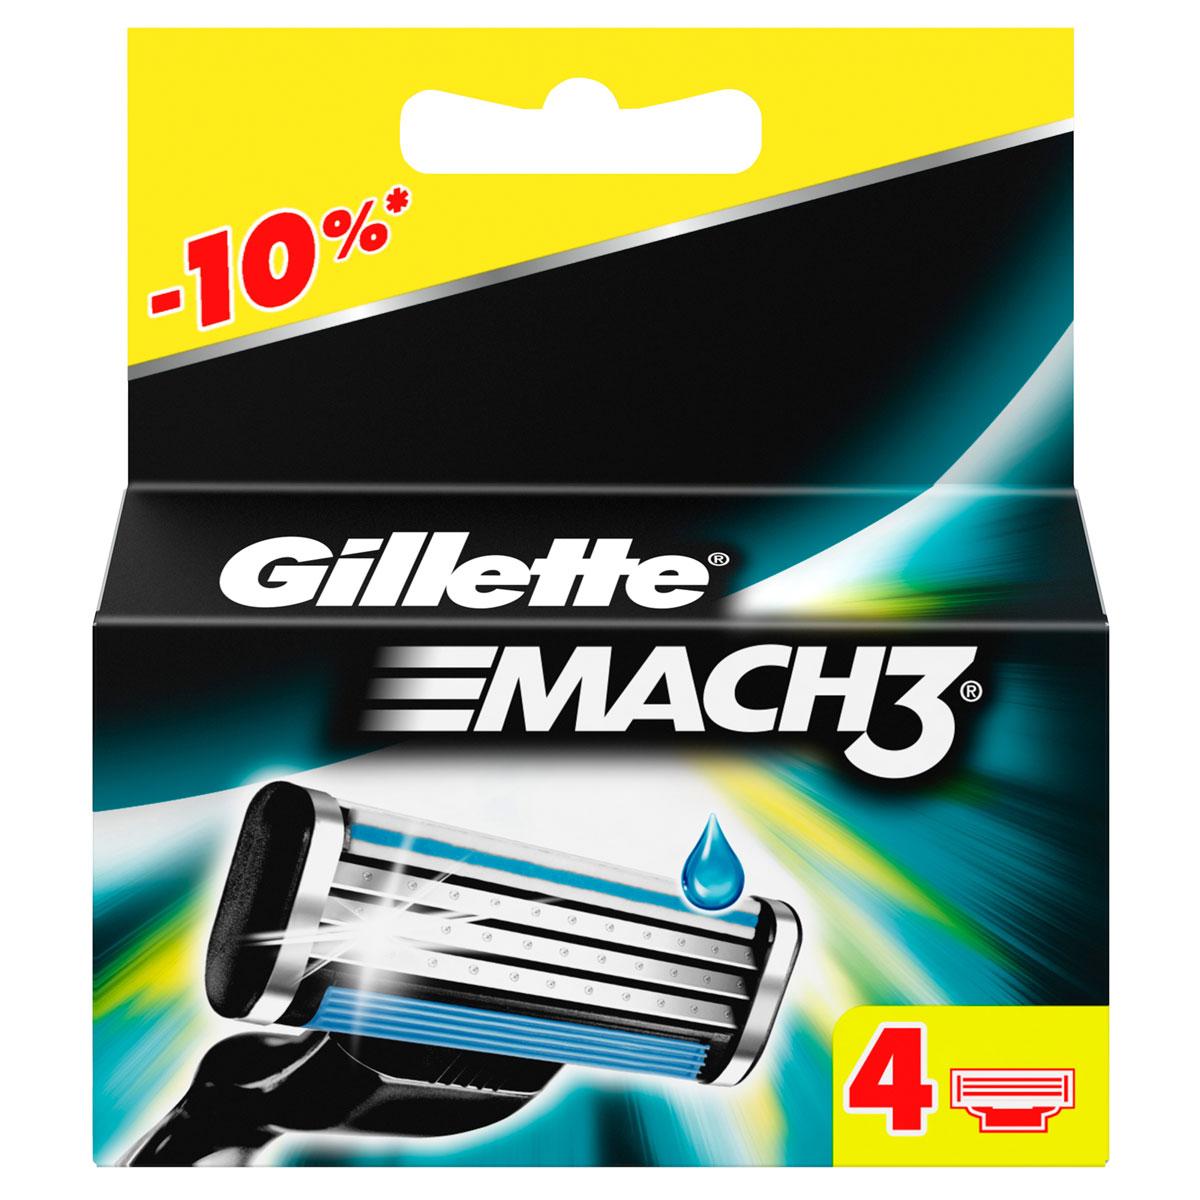 Сменные кассеты для бритья Gillette Mach 3, 4 шт.Me Chic 120KДаже 10-ое бритье Mach3 комфортнее 1-го одноразовой бритвой.Почувствуйте исключительную эффективность Mach3! Это бритва включает в себя гелевую полоску, которая способствует скольжению и защищает кожу от покраснения, также полоска исчезает, когда кассету пора менять. Плавающая головка обеспечивает тесный контакт лезвий с кожей, удобная ручка адаптируется к контурам лица для более легкого и комфортного бритья (по сравнению с одноразовыми бритвенными станками Blueell Plus). Даже после десятого использования бритвы ощущения более приятные, чем от одноразовых станков (по сравнению с одноразовыми станками для бритья Bluell Plus).По сравнению с Gillette BlueII Plus Срок хранения – 5 лет.Страна производства – Польша. Характеристики:Комплектация: 4 сменные кассеты. Товар сертифицирован.Состав смазывающей полоски: PEG-115M, PEG-7M, PEG-100, BHT, TOCOPHERYL ACETATE.